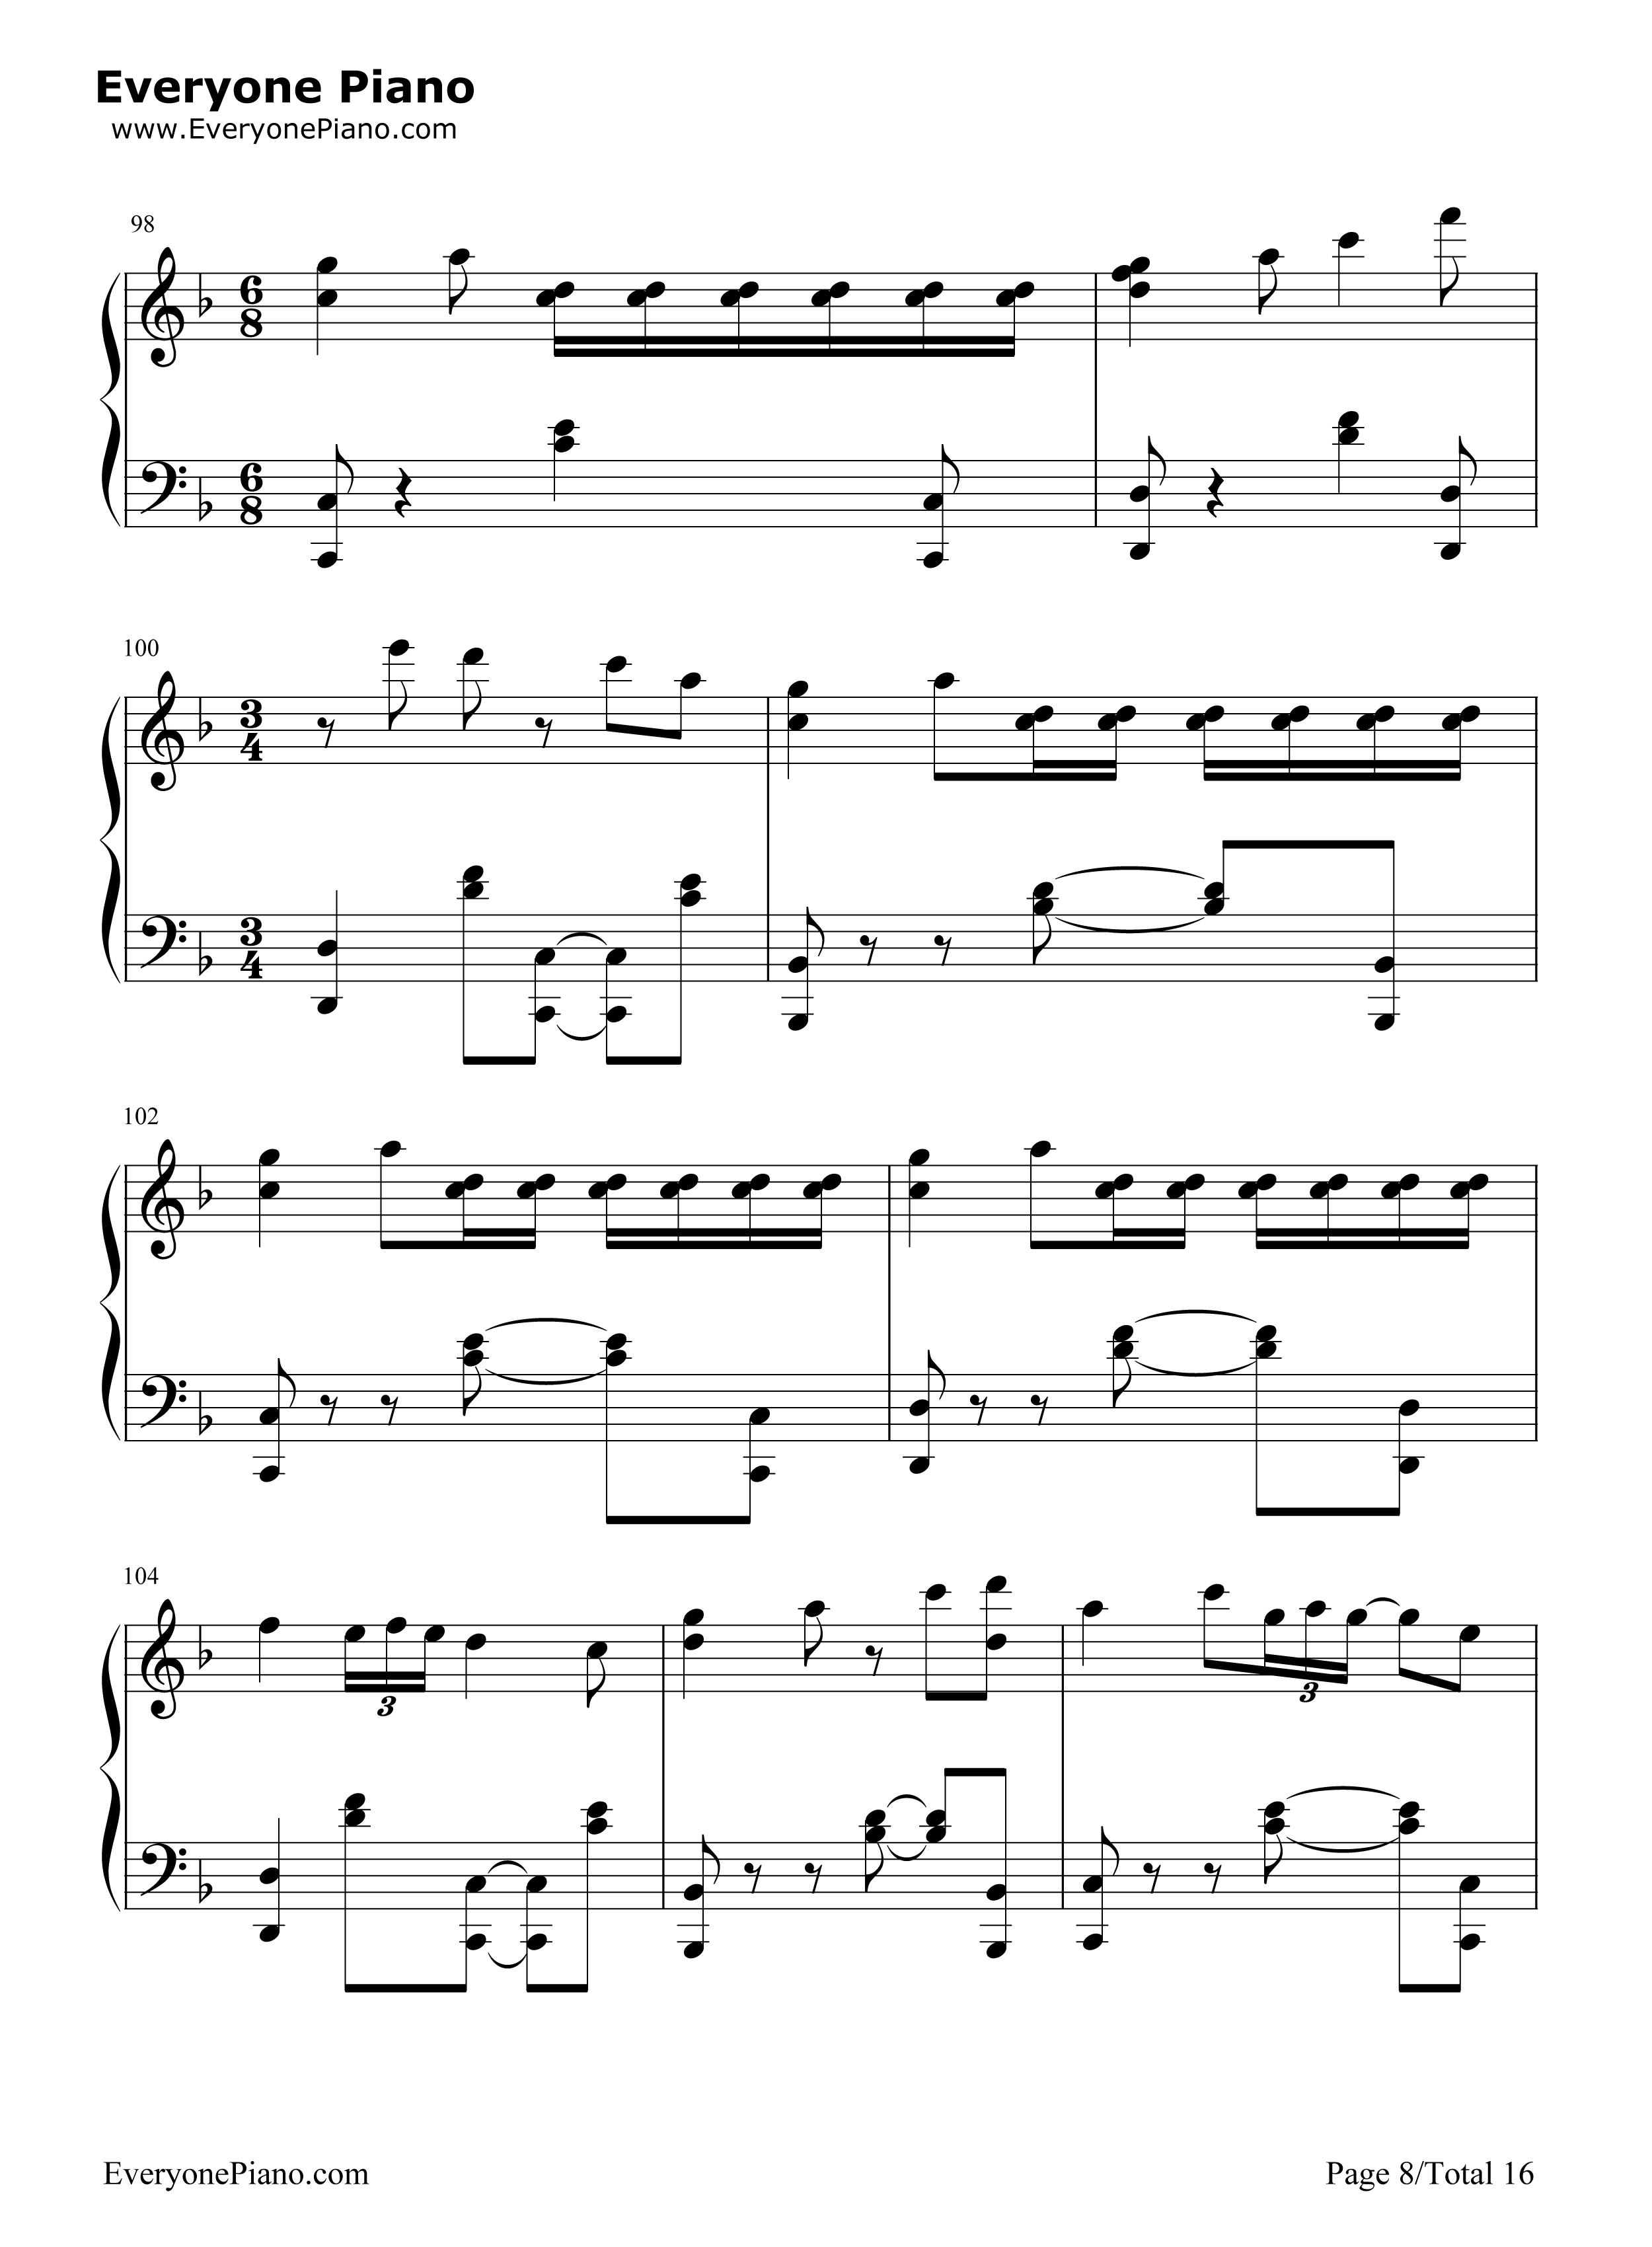 千本樱变奏曲五线谱预览8-钢琴谱档(五线谱,双手简谱